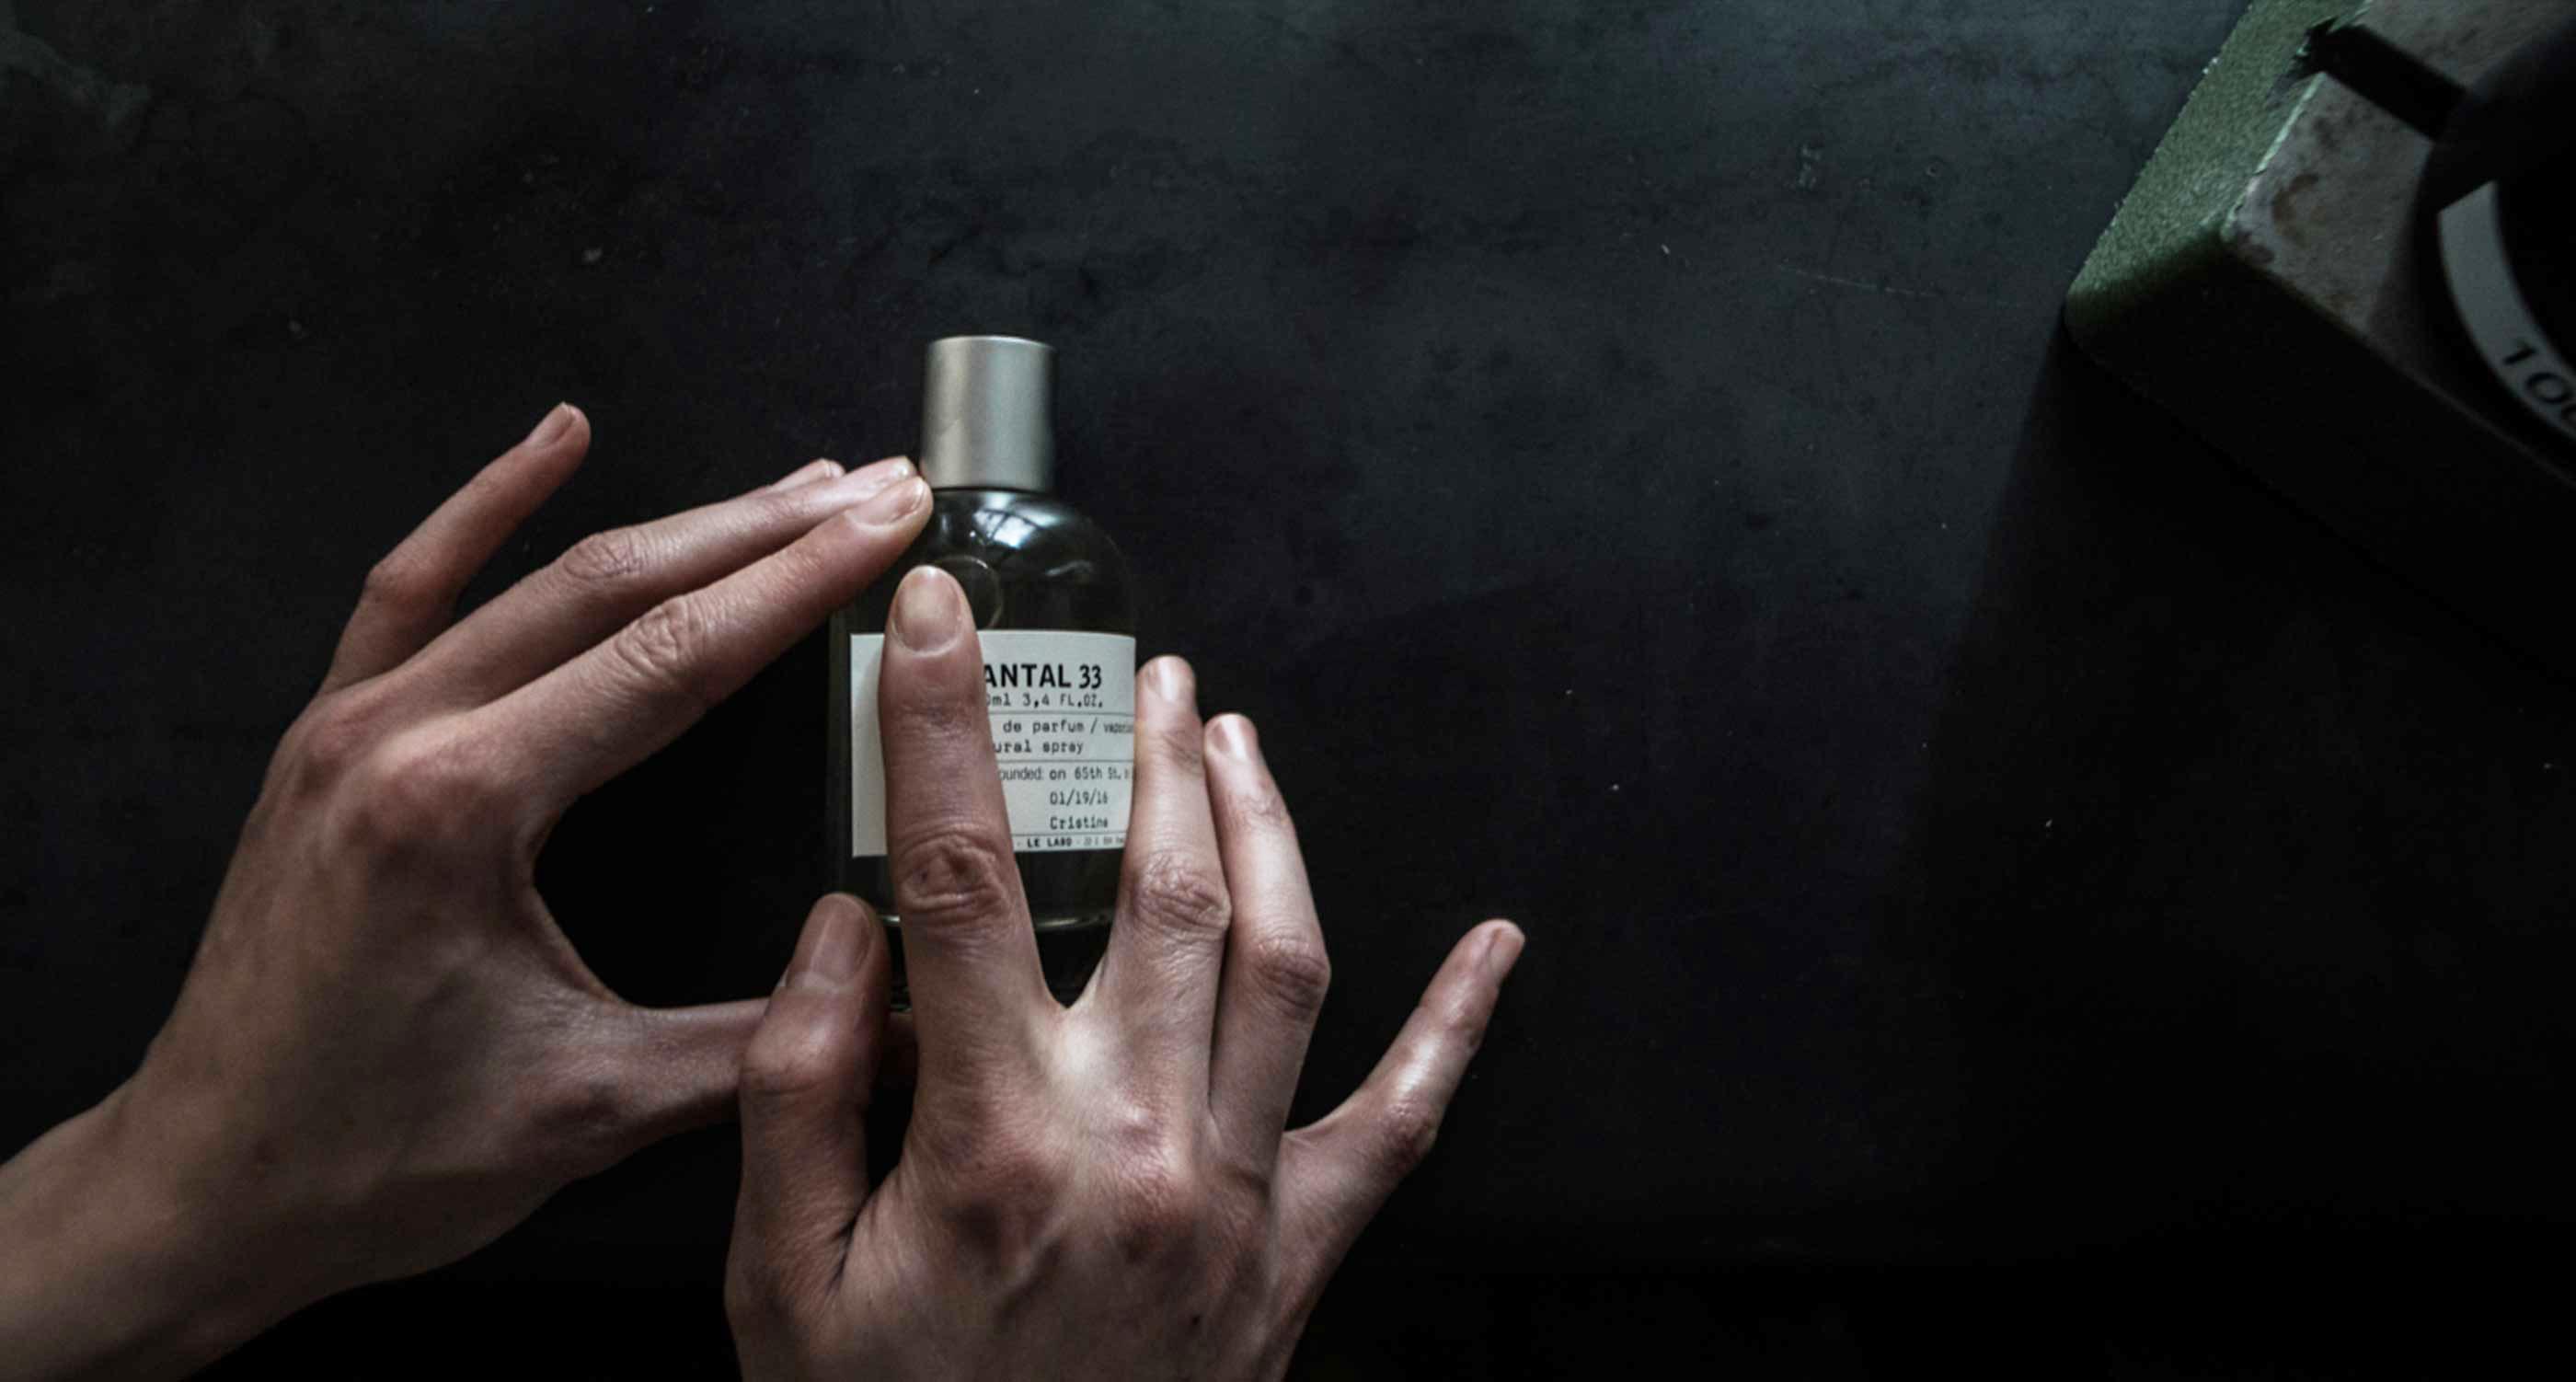 Le Labo - Những chai nước hoa độc nhất vô nhị chỉ dành cho riêng bạn